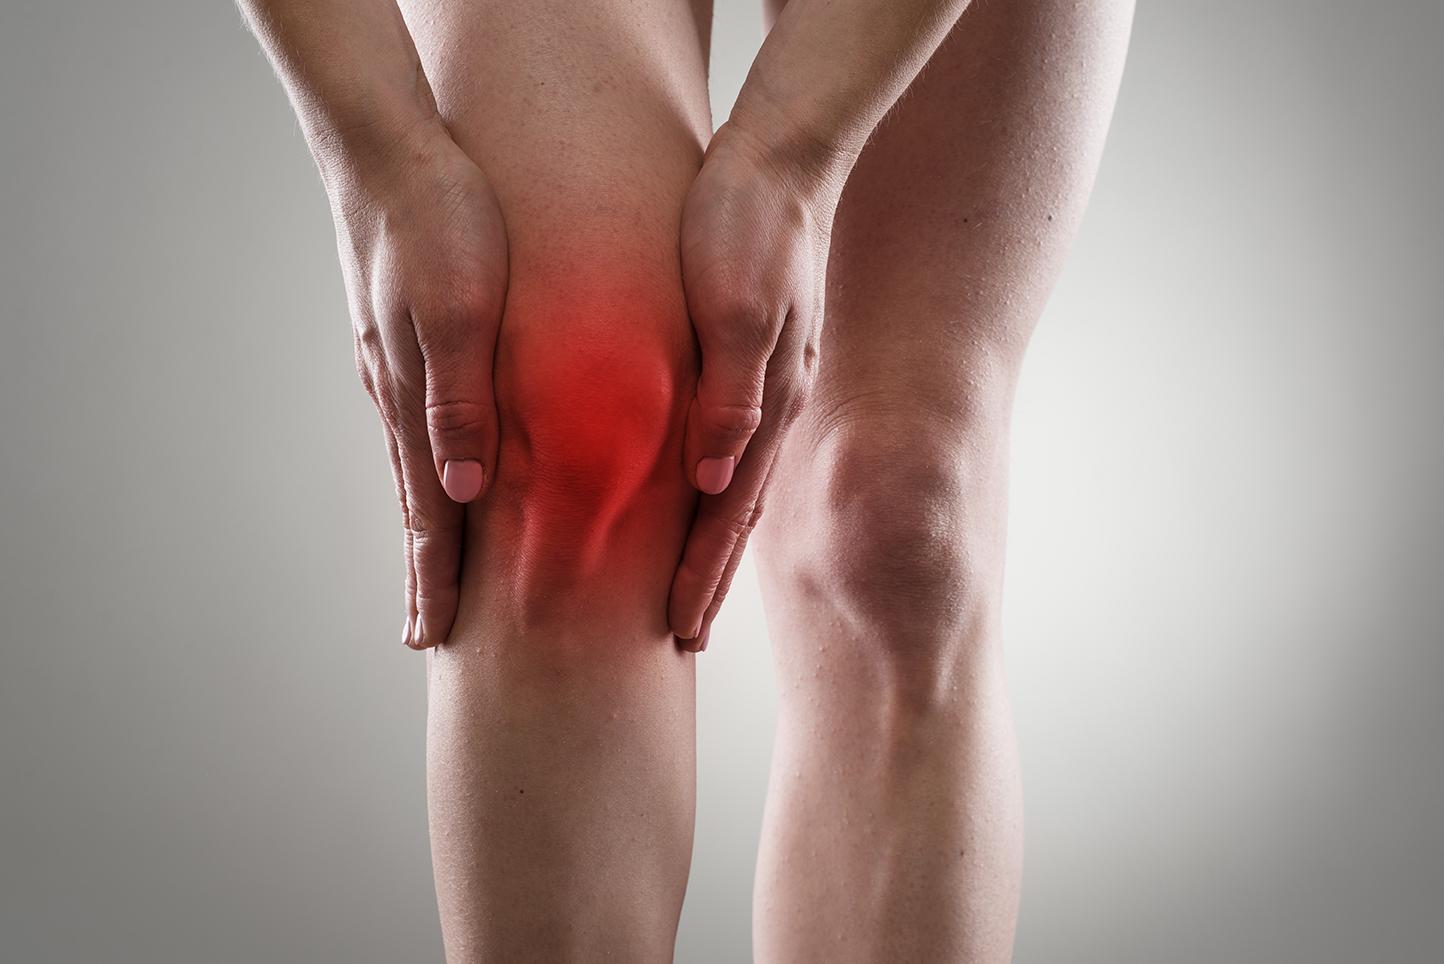 Articulação do joelho lesionada